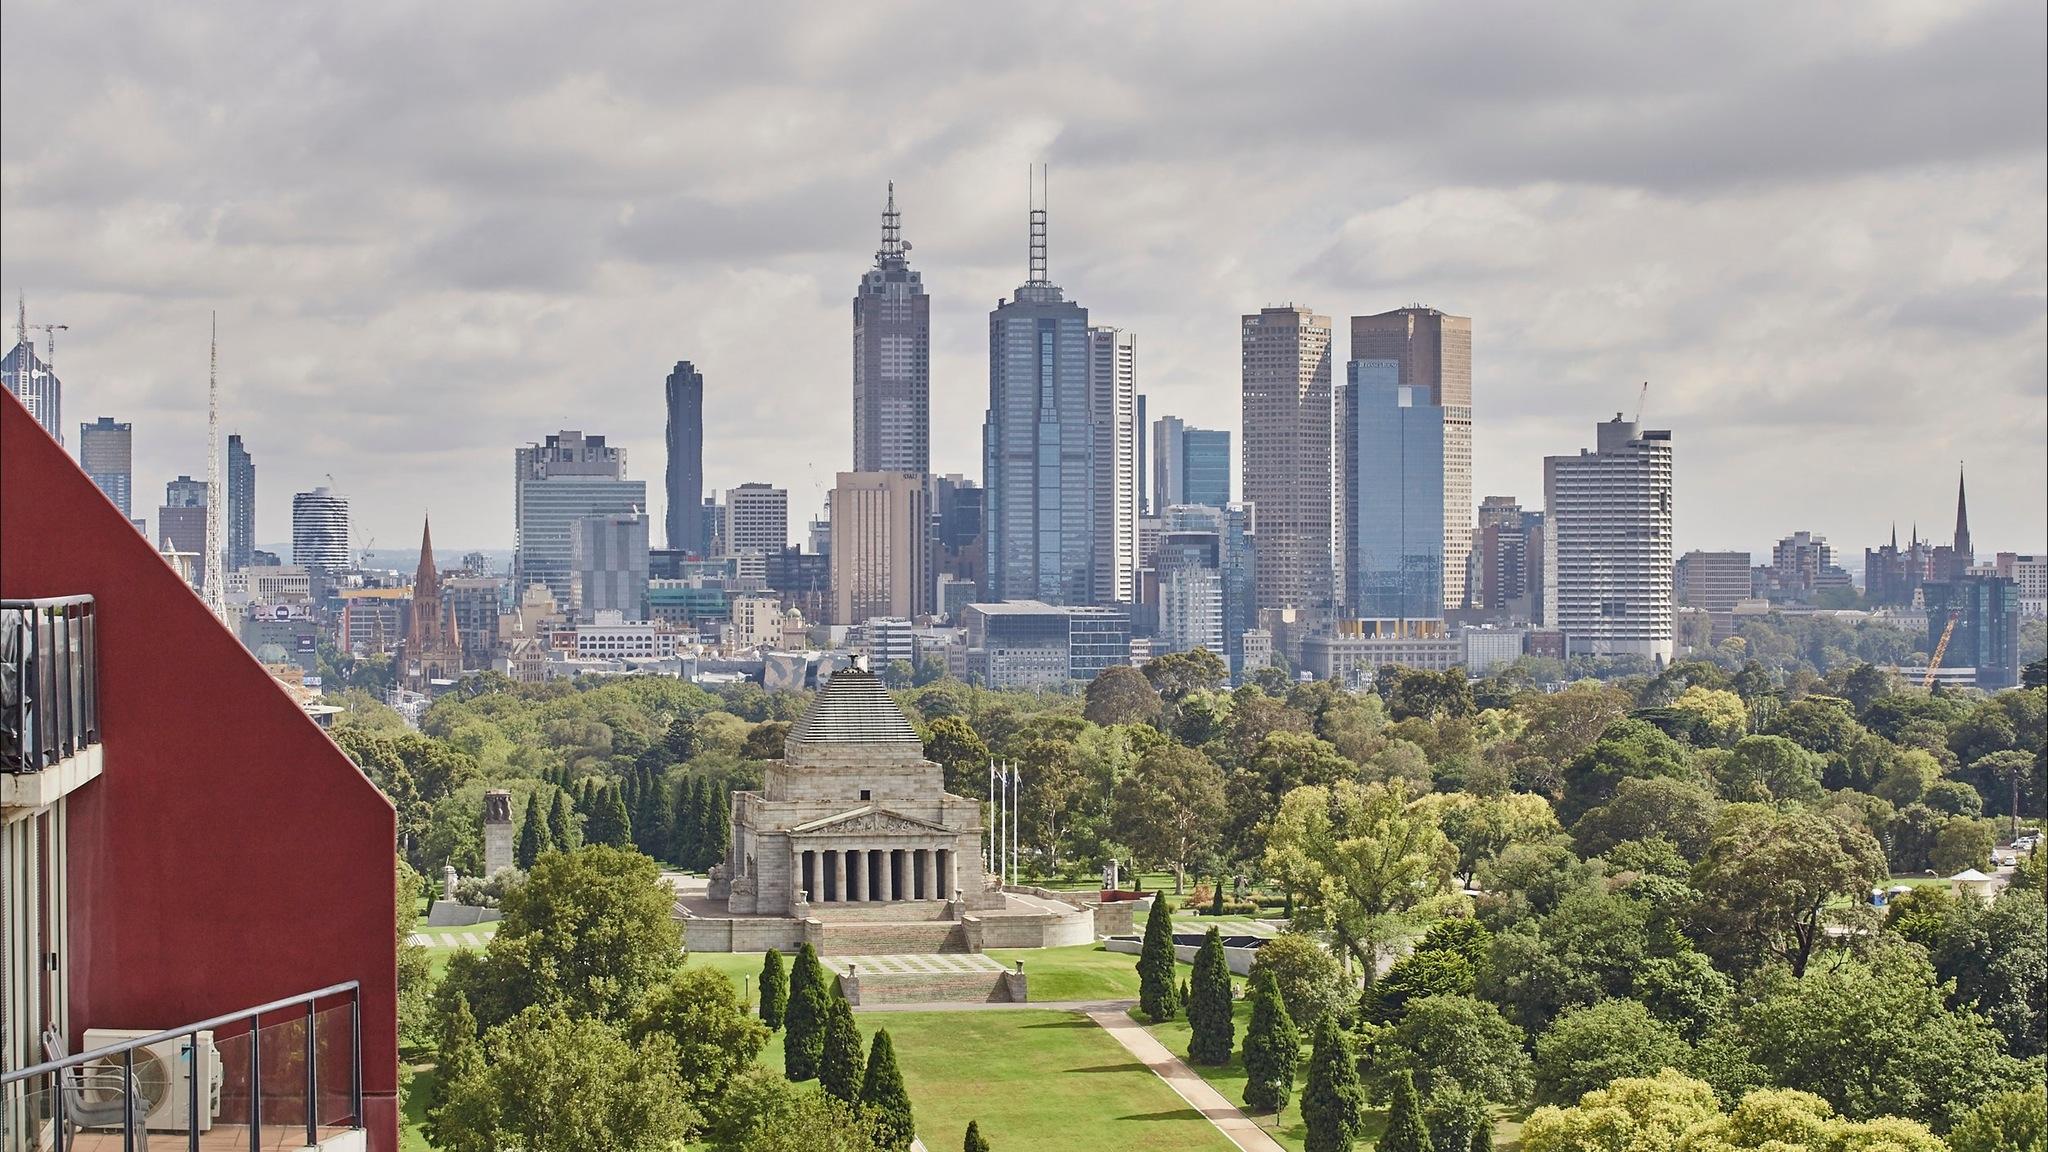 Views depict The Shrine of Remembrance, parklands , city buildings of Melbourne